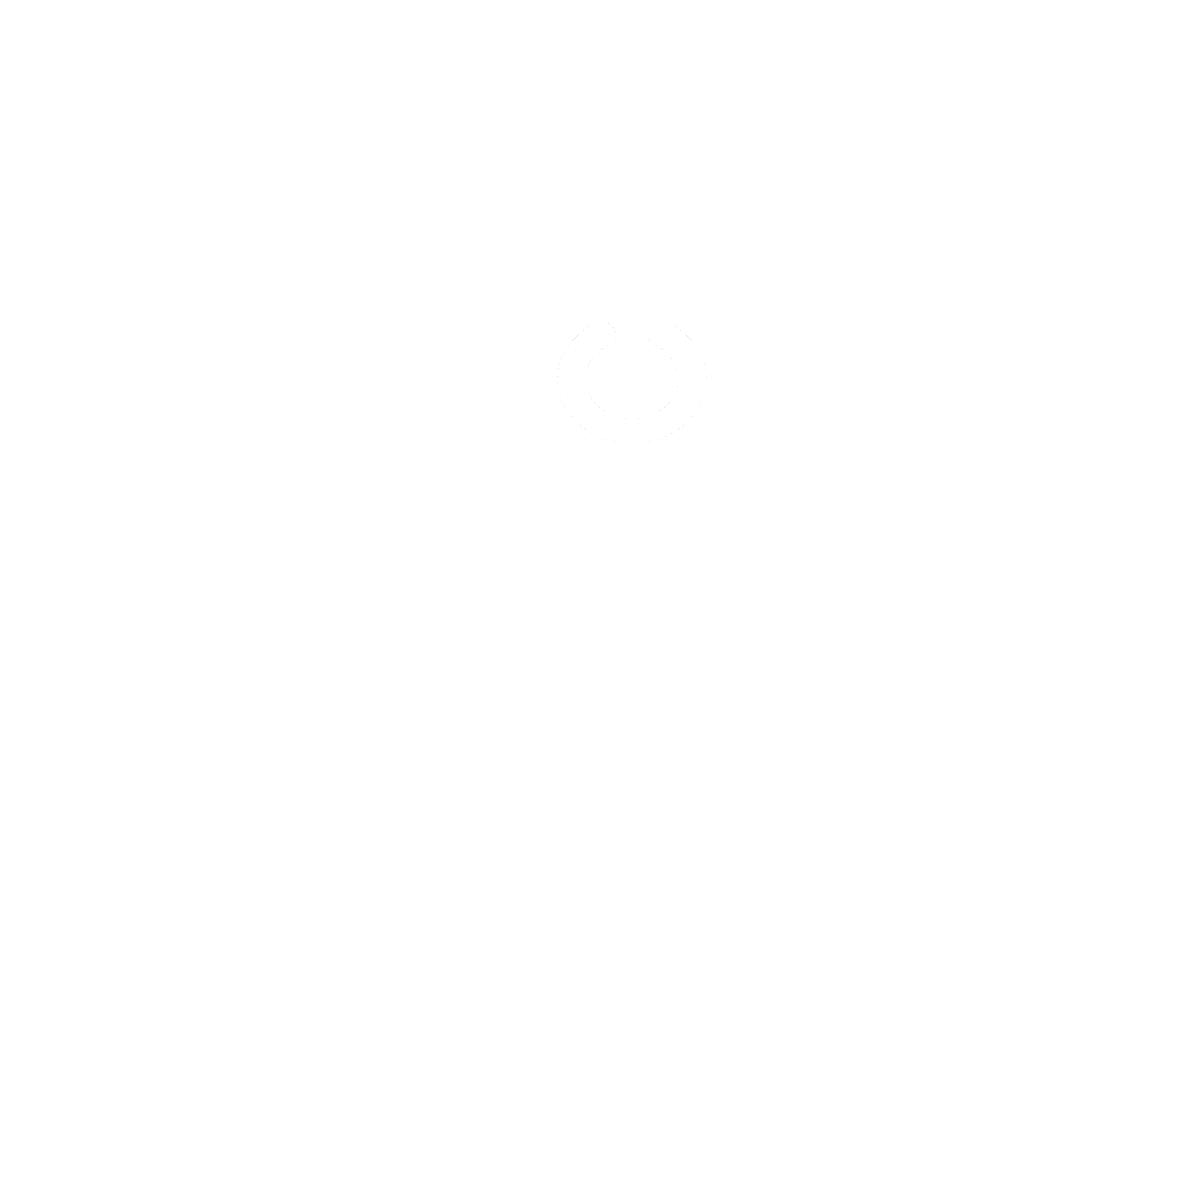 Dal set THE KITCHEN, l'icona minipimer BIANCA, creata da Wojciech Zasina [www.be.net/wzasina] e usata su www.cucinodite.it da Giorgio Giorgetti, personal chef Varese Como Milano Lombardia